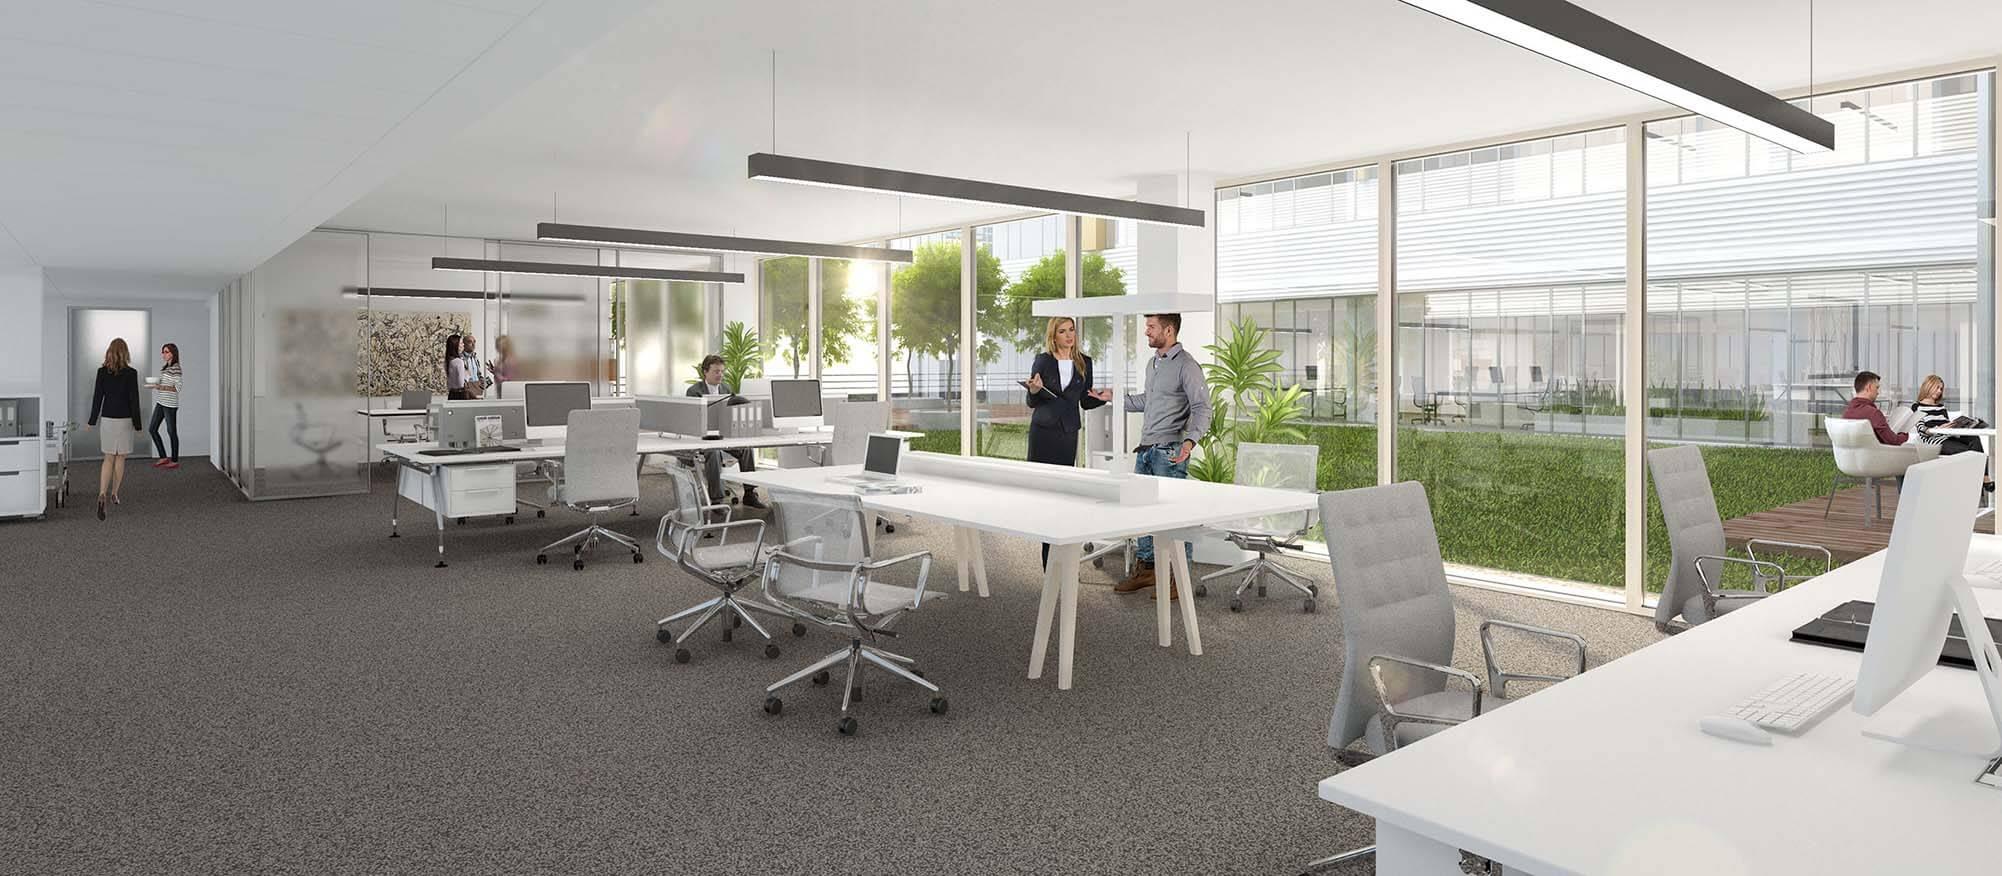 Wizualizacje wnętrz budynku biurowego Trimaran praha, Hoffmann - Janz Ziviltechniker-GmbH